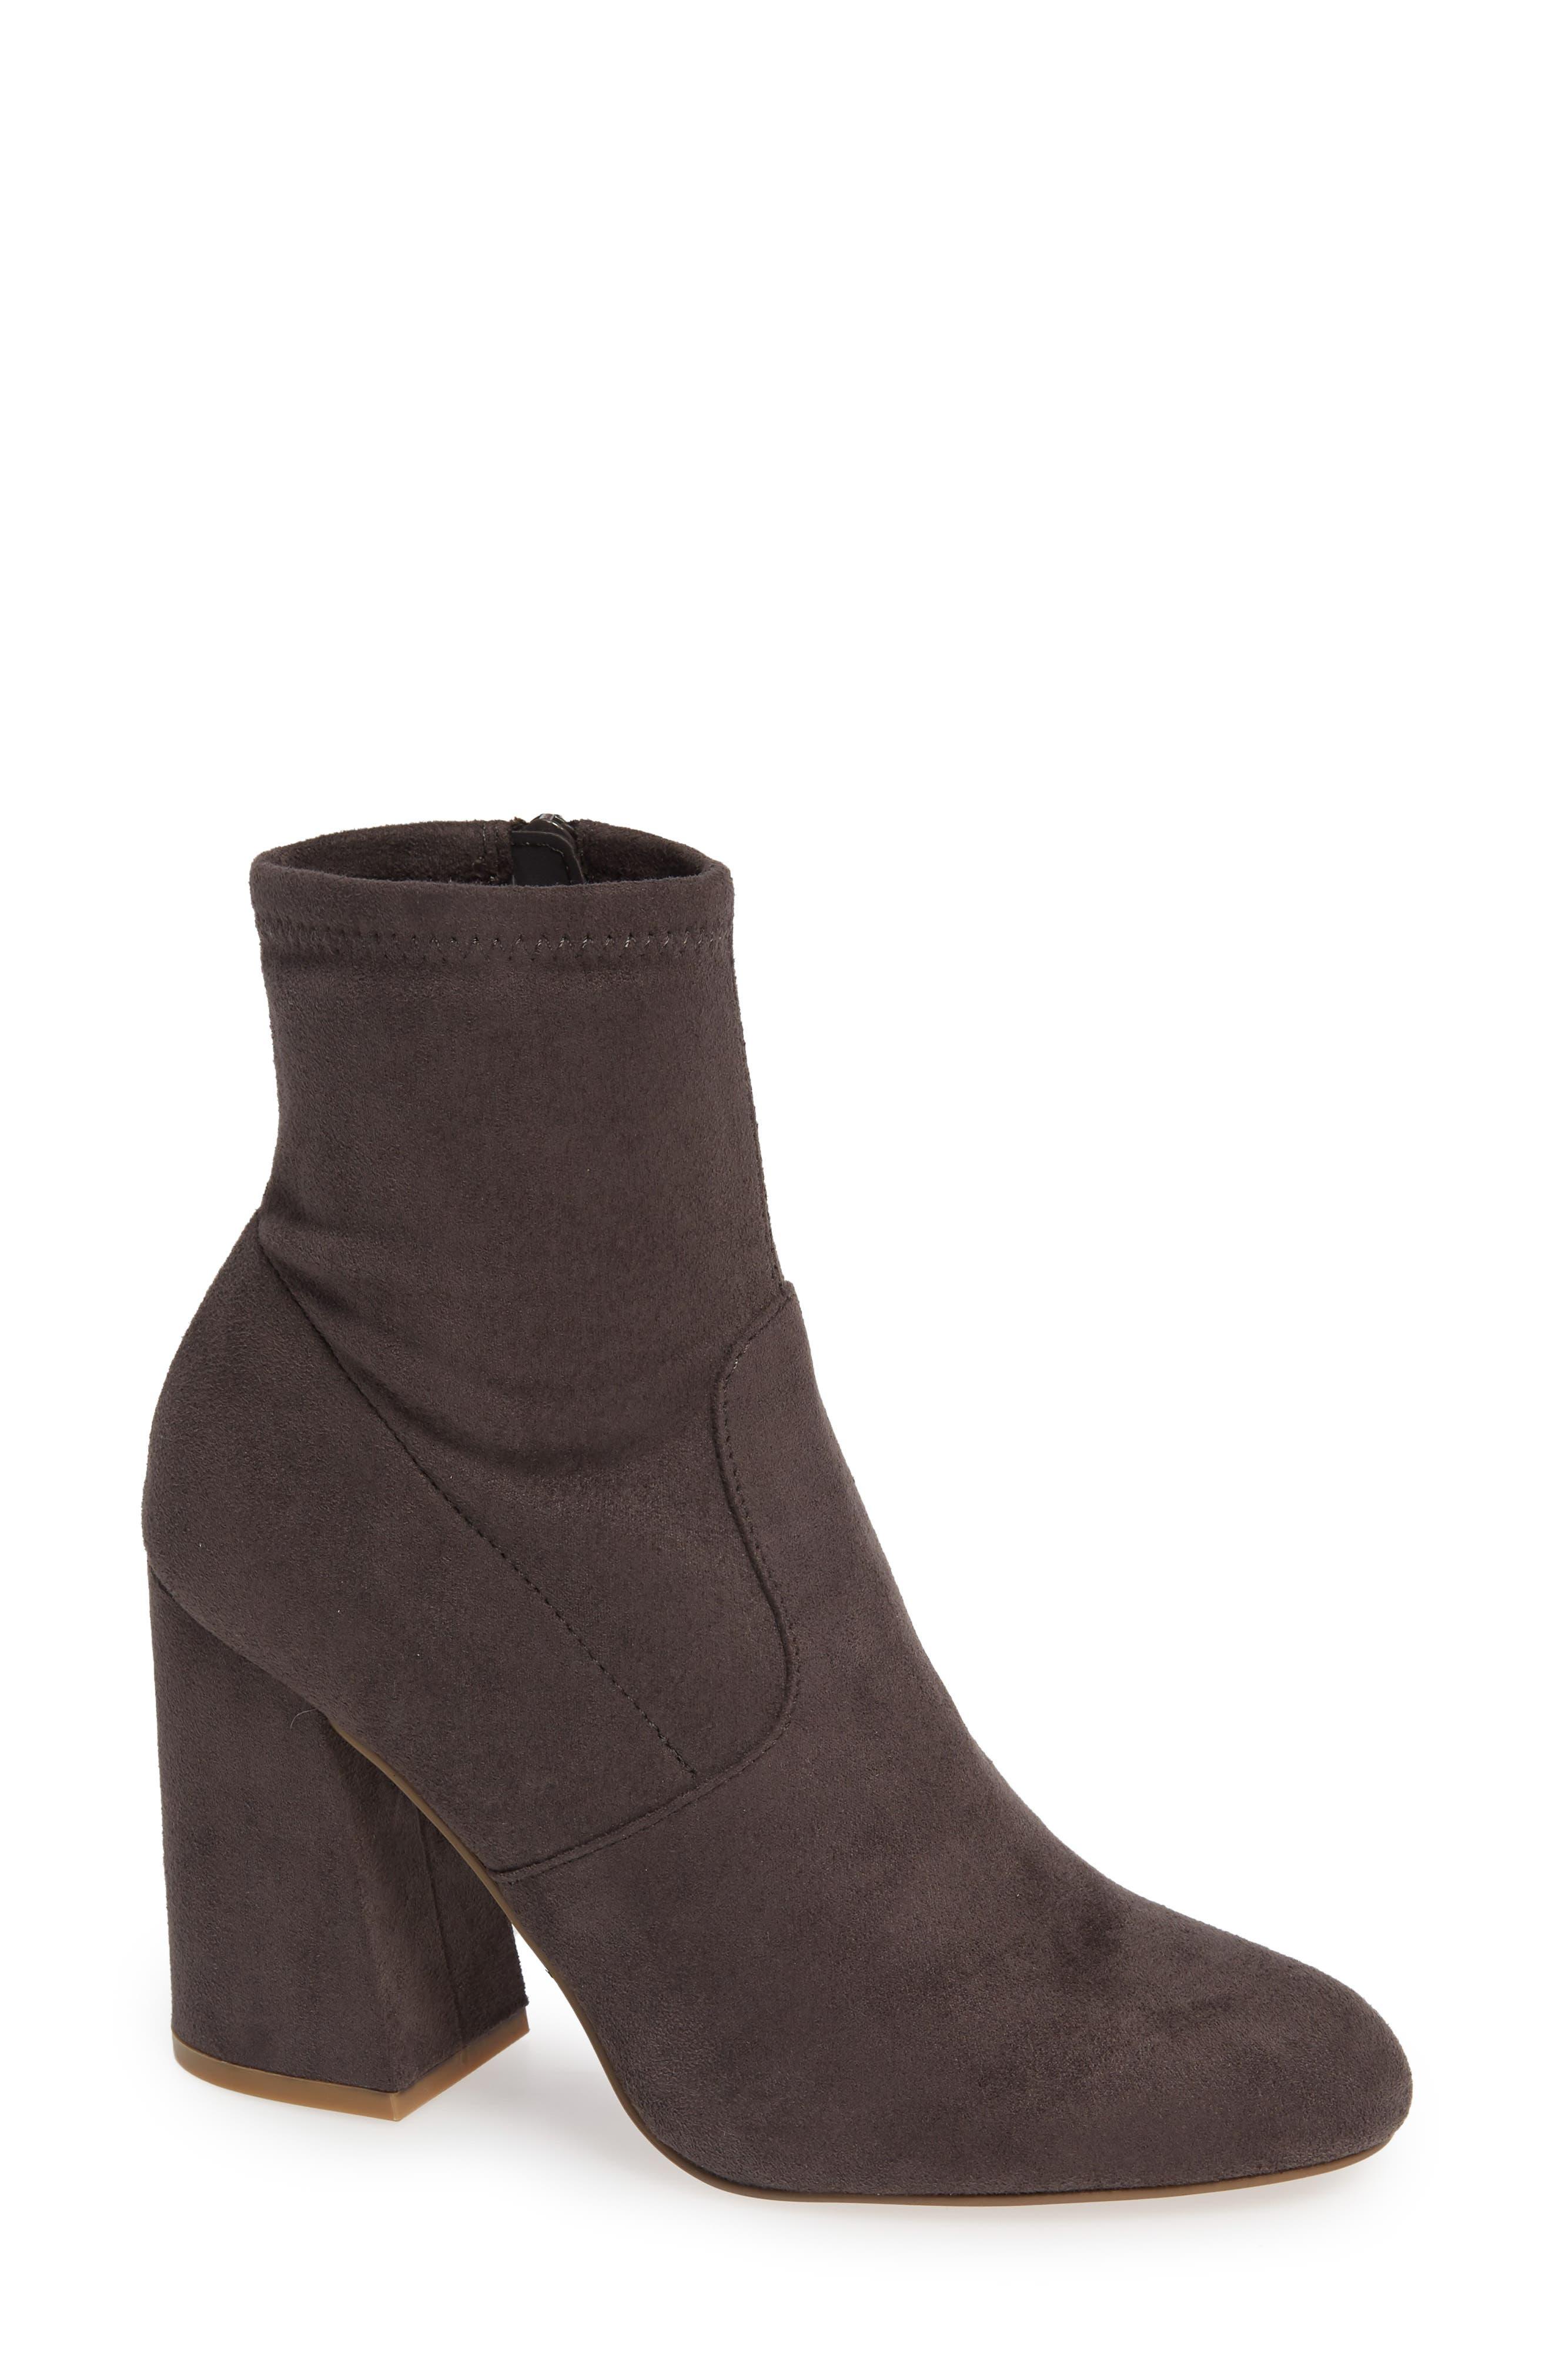 0ee16599b990b Women s Steve Madden Boots